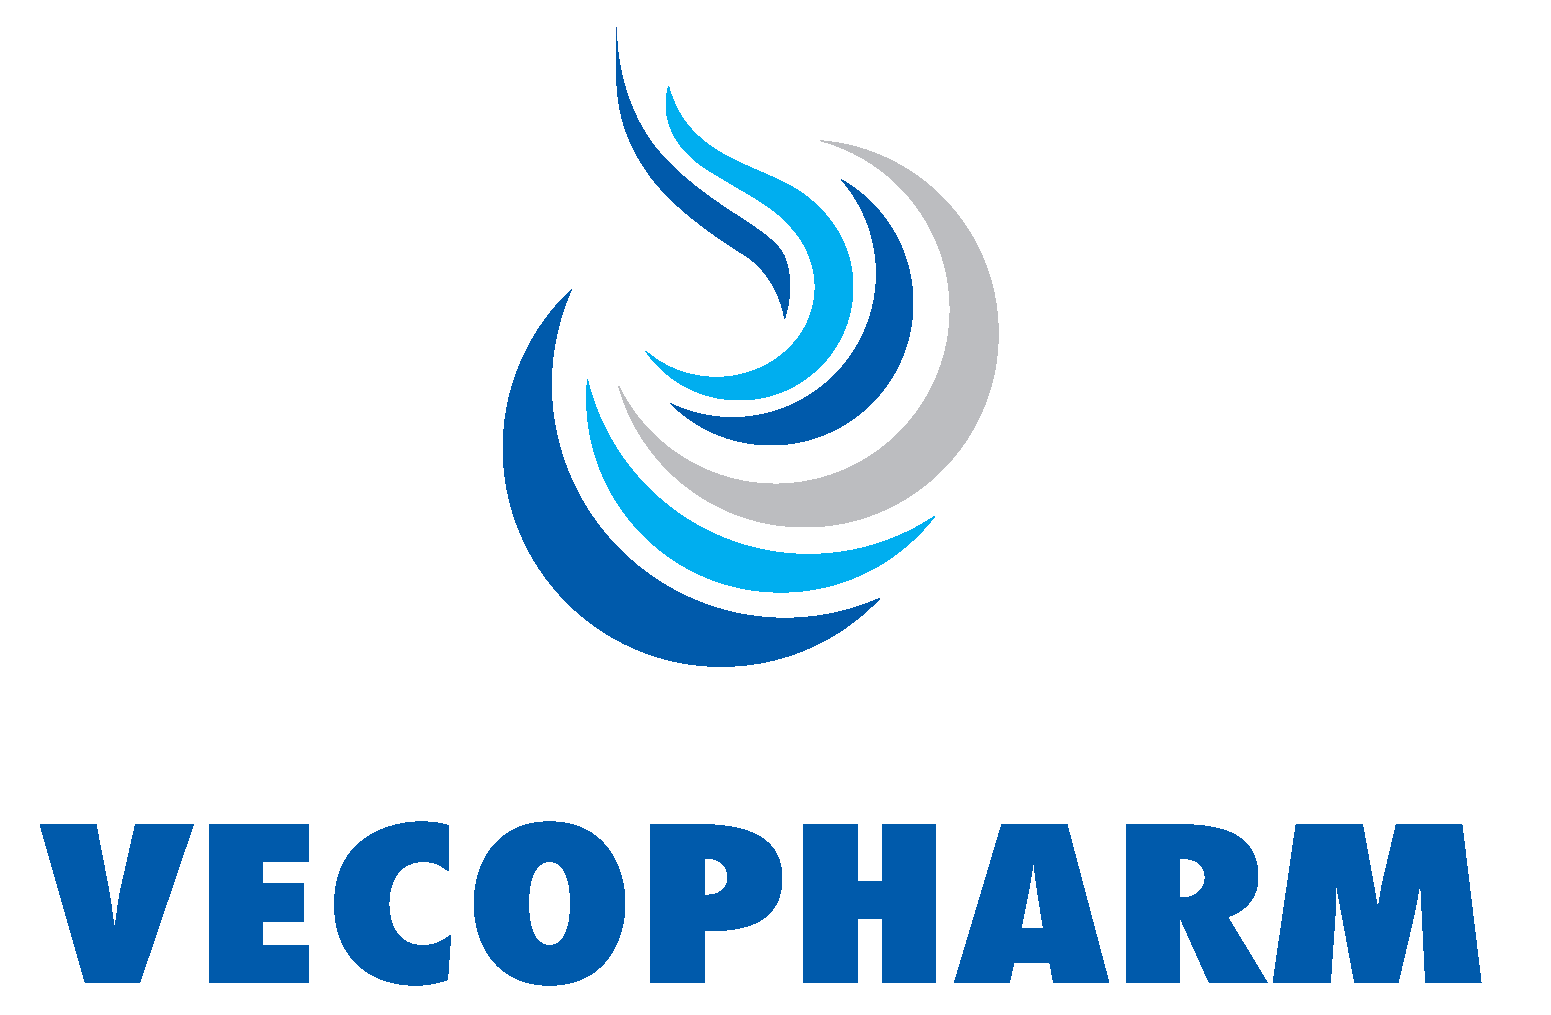 VECOPHARM